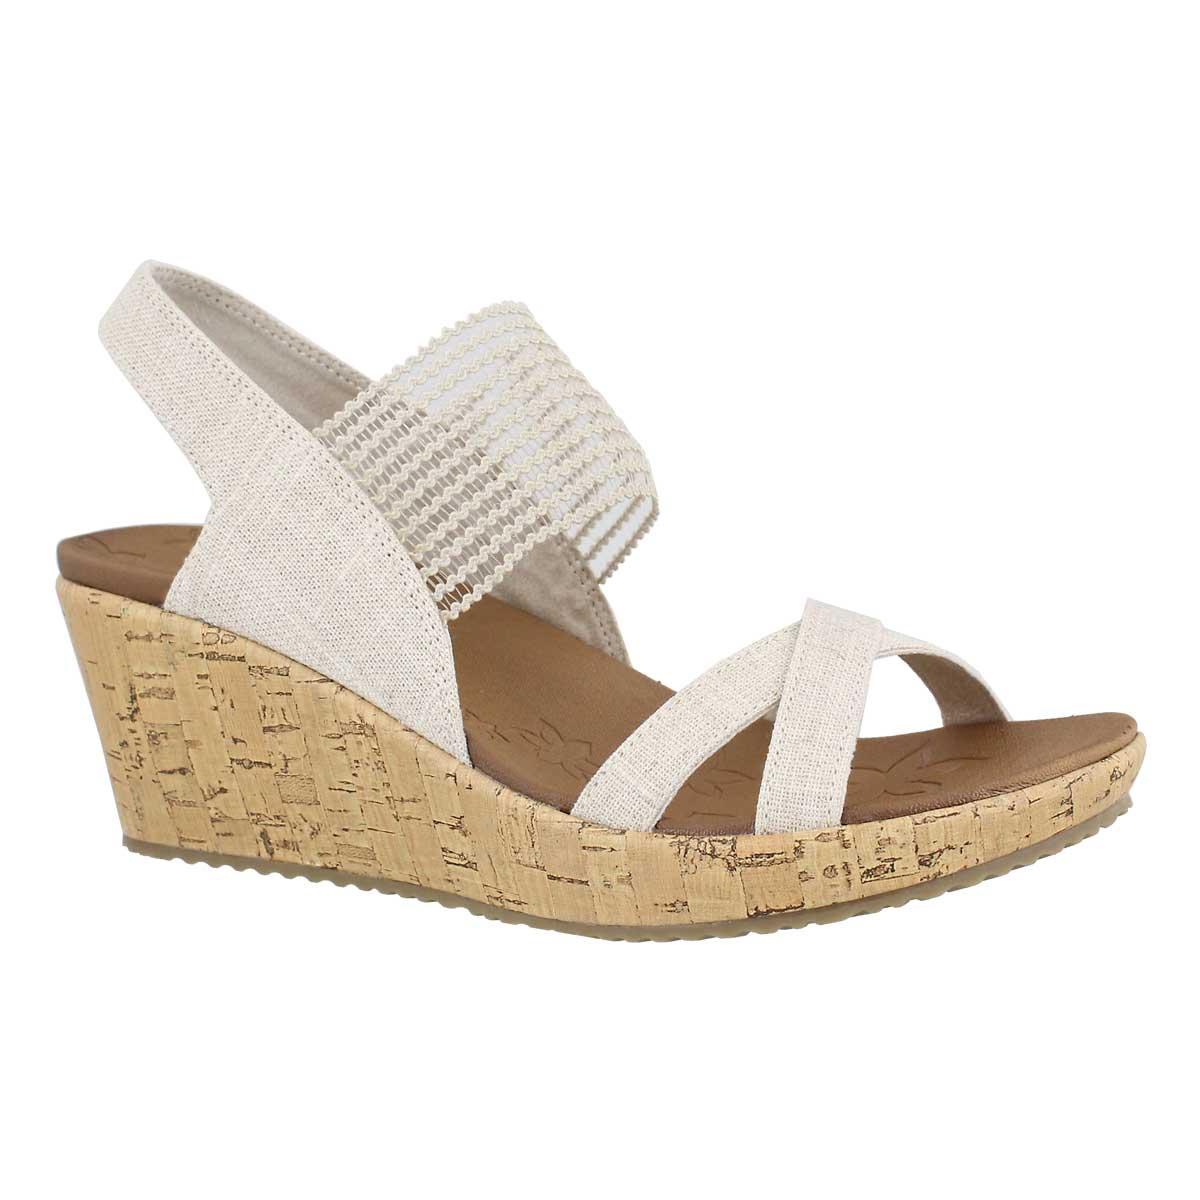 Womne's BEVERLEE HIGH TEA natural wedge sandals